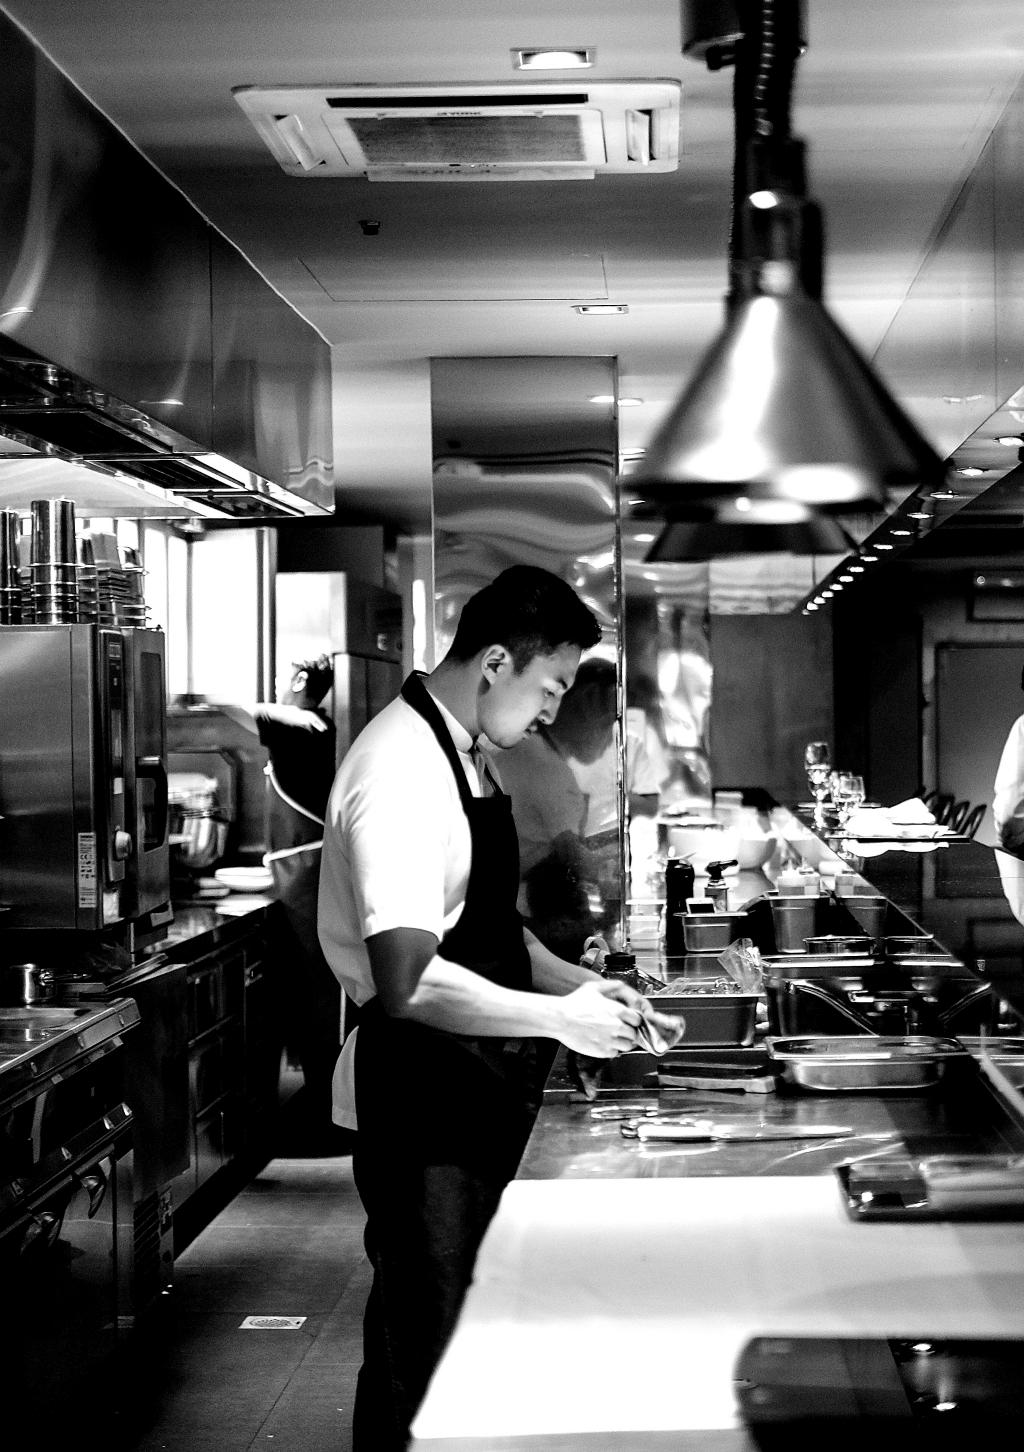 元餐厅厨房